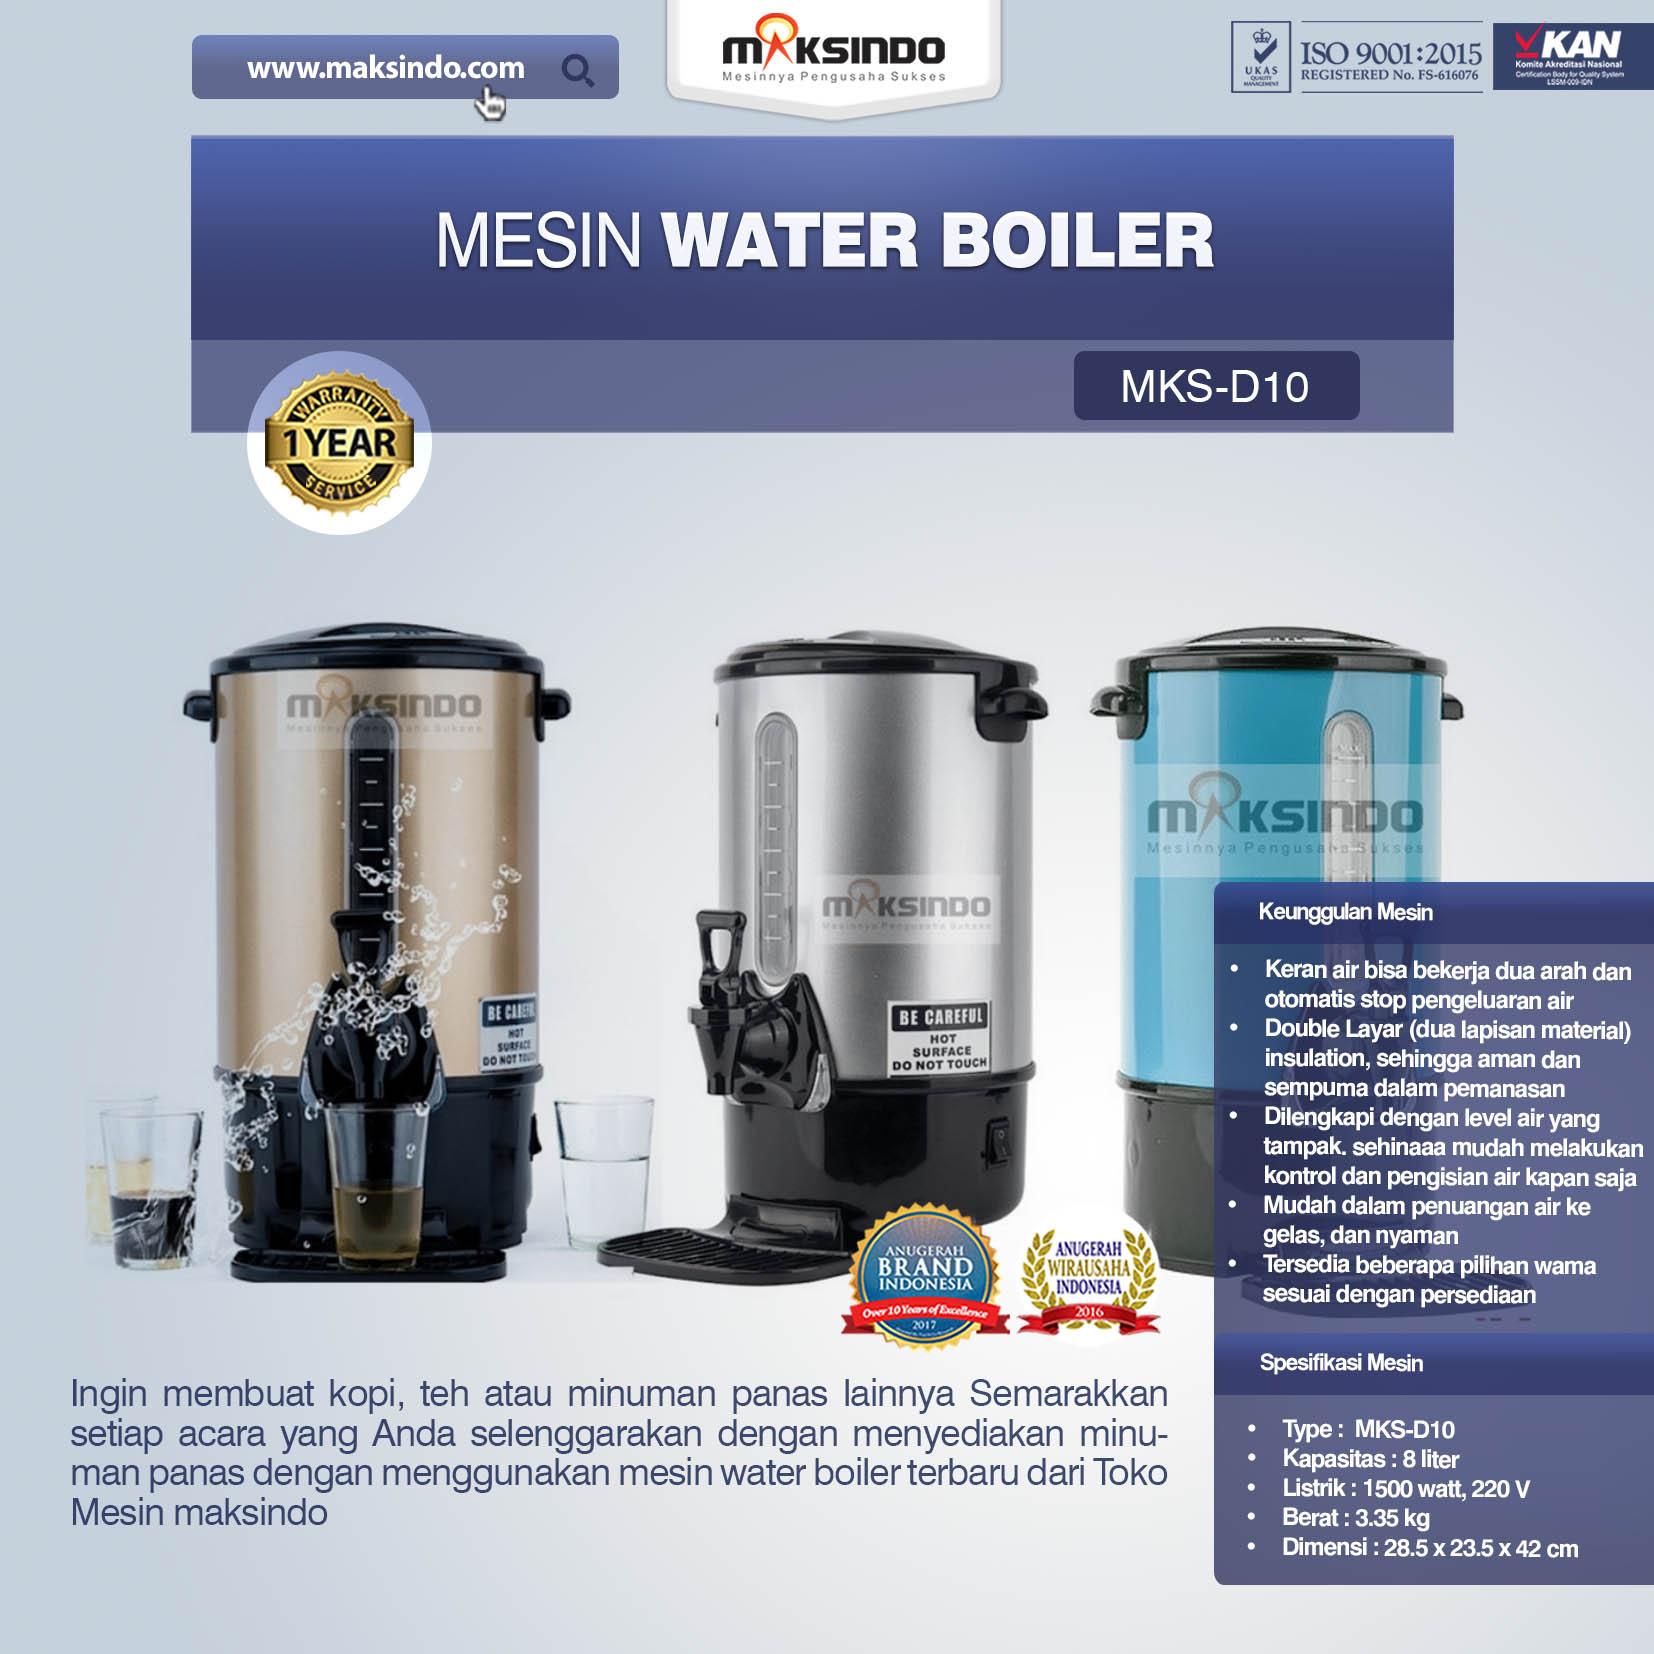 Jual Mesin Water Boiler New Model di Palembang